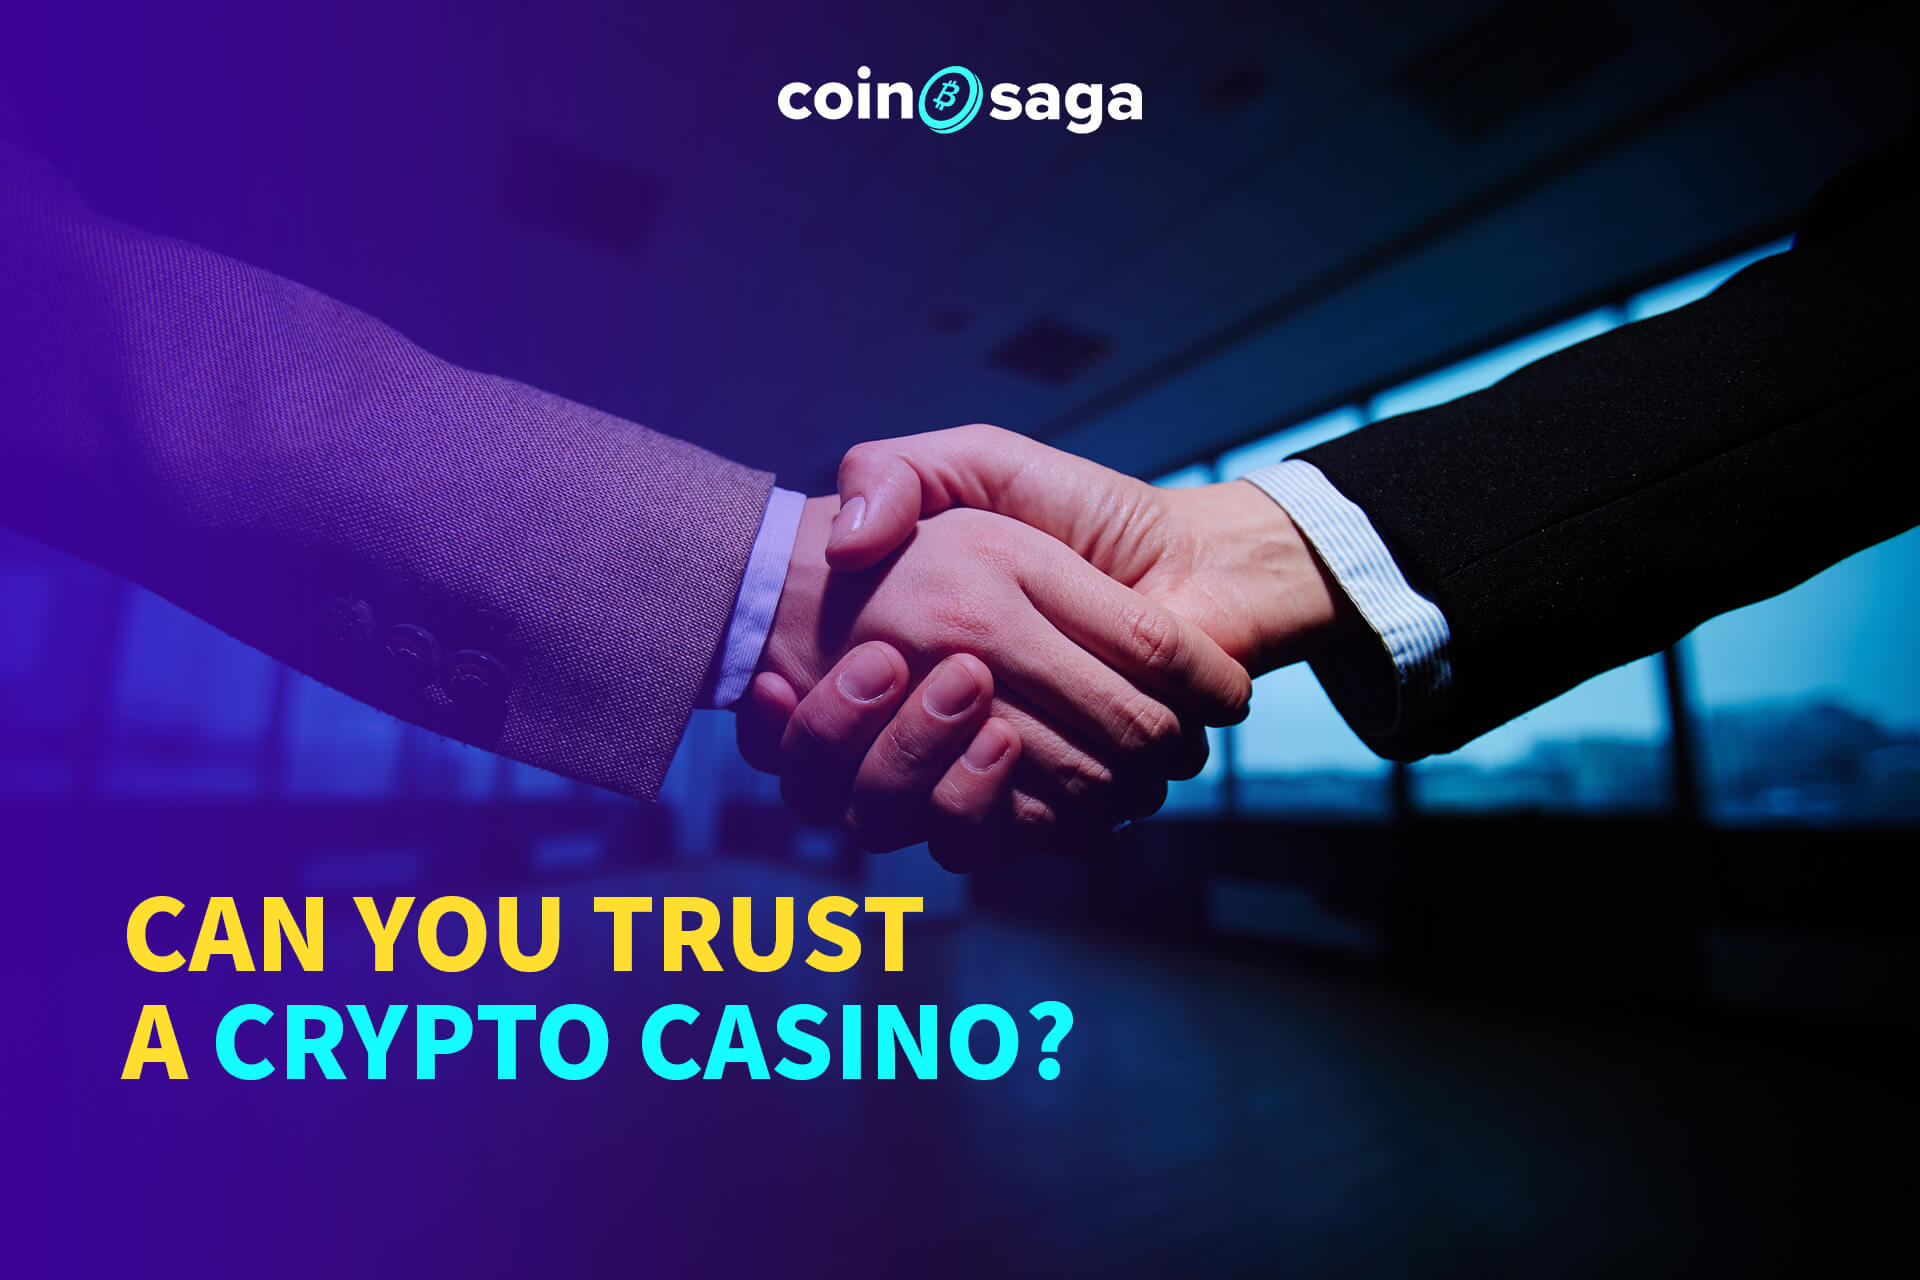 Trust Crypto Casino